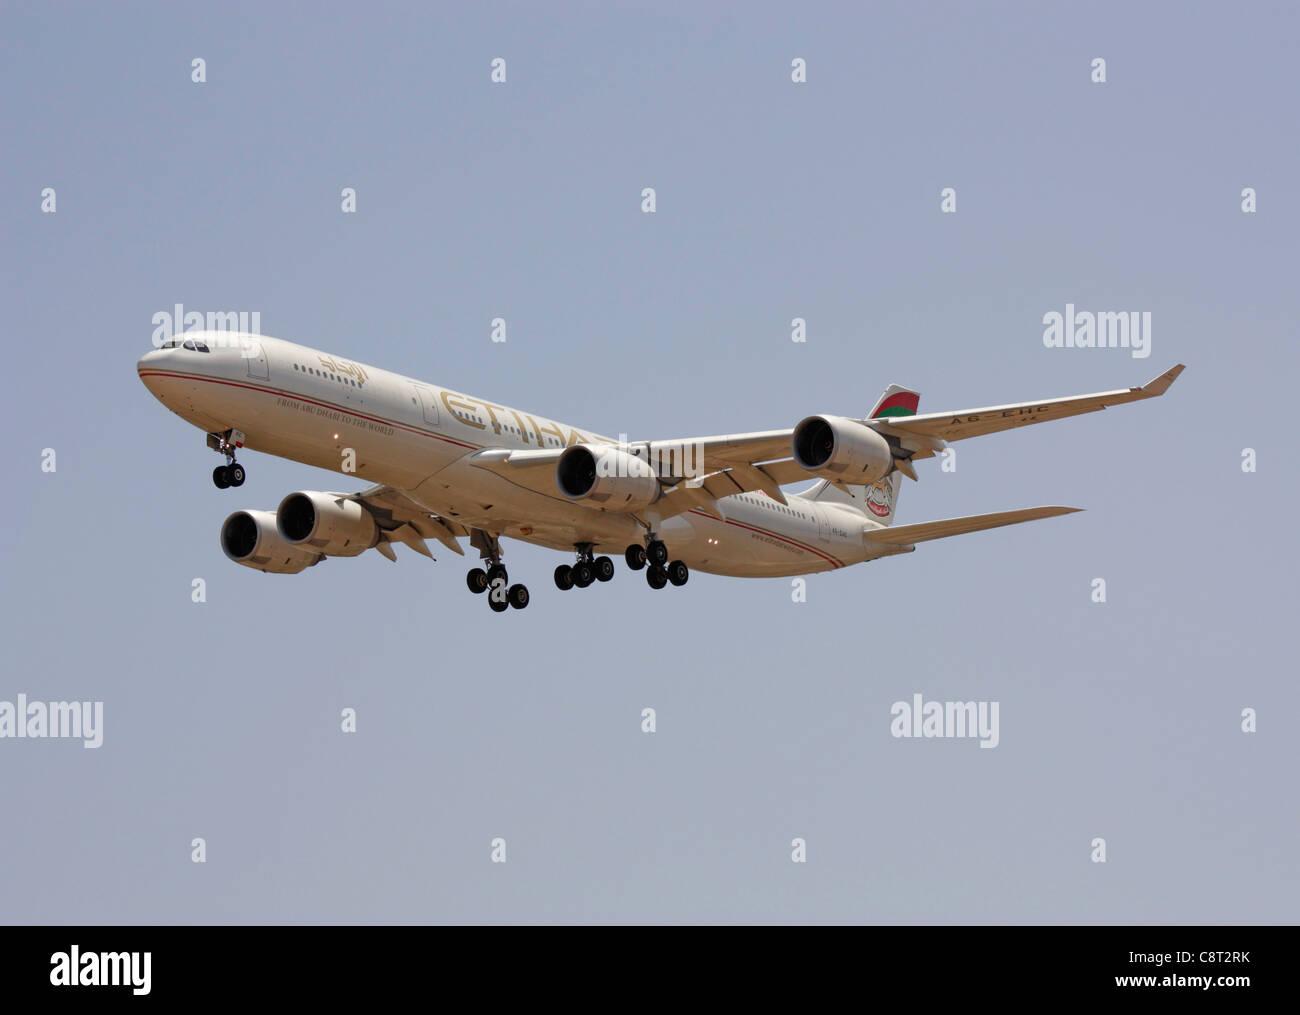 Etihad Airways Airbus A340-500 quatre-moteur à l'avion de ligne en approche. Vol commercial à longue Photo Stock